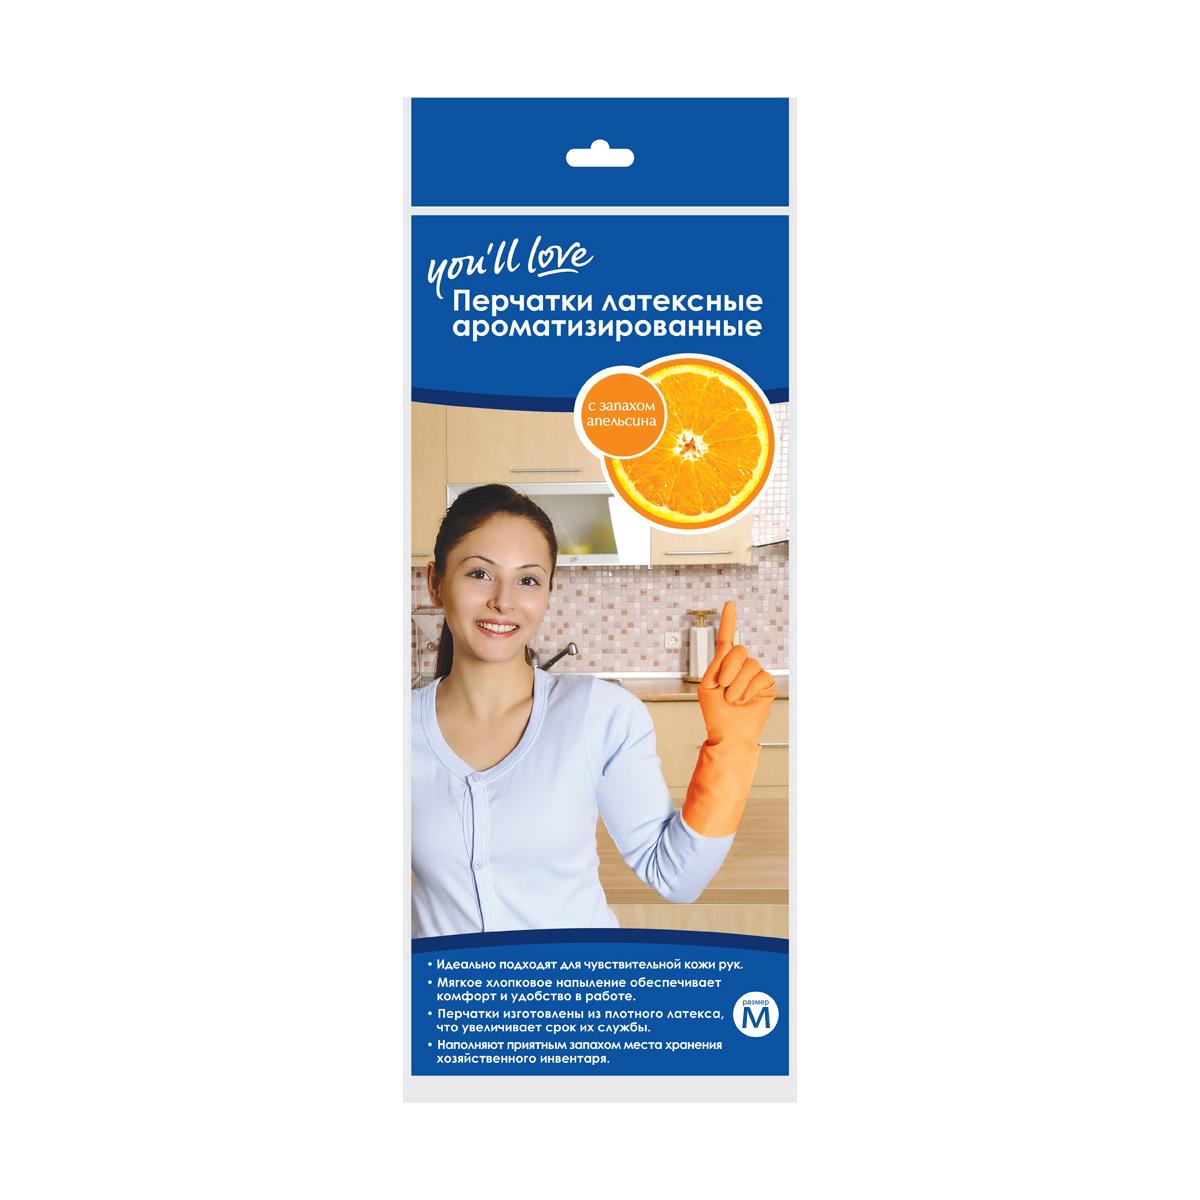 Перчатки латексные ароматизированные Youll love, аромат апельсина. Размер M790009Перчатки латексные ароматизированные Youll love с хлопковым напылением защищают ваши руки от загрязнений, воздействия моющих и чистящих средств. Приятный аромат при использовании и в местах хранения. Плотный латекс увеличивает срок службы перчаток. Рифленая поверхность в области ладони защищает от скольжения.